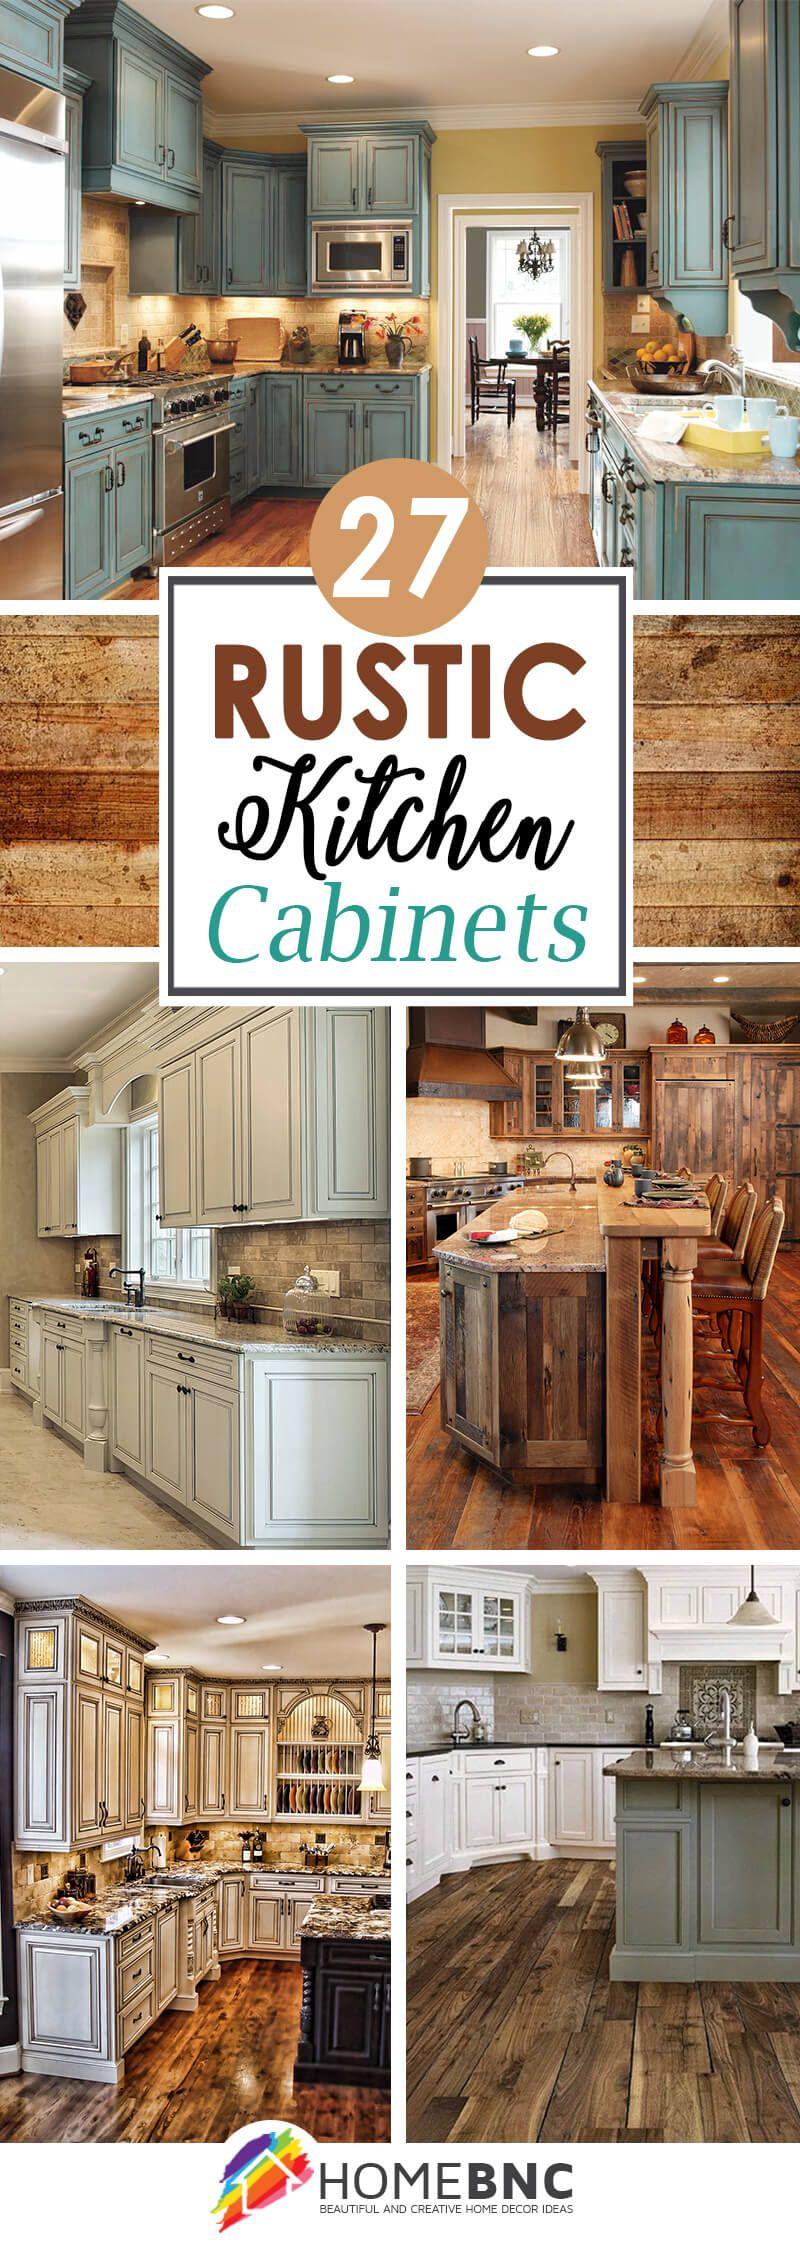 Küchenbeleuchtung ideen kleine küche rustic kitchen cabinet ideas  elegant kitchen ideas for decor